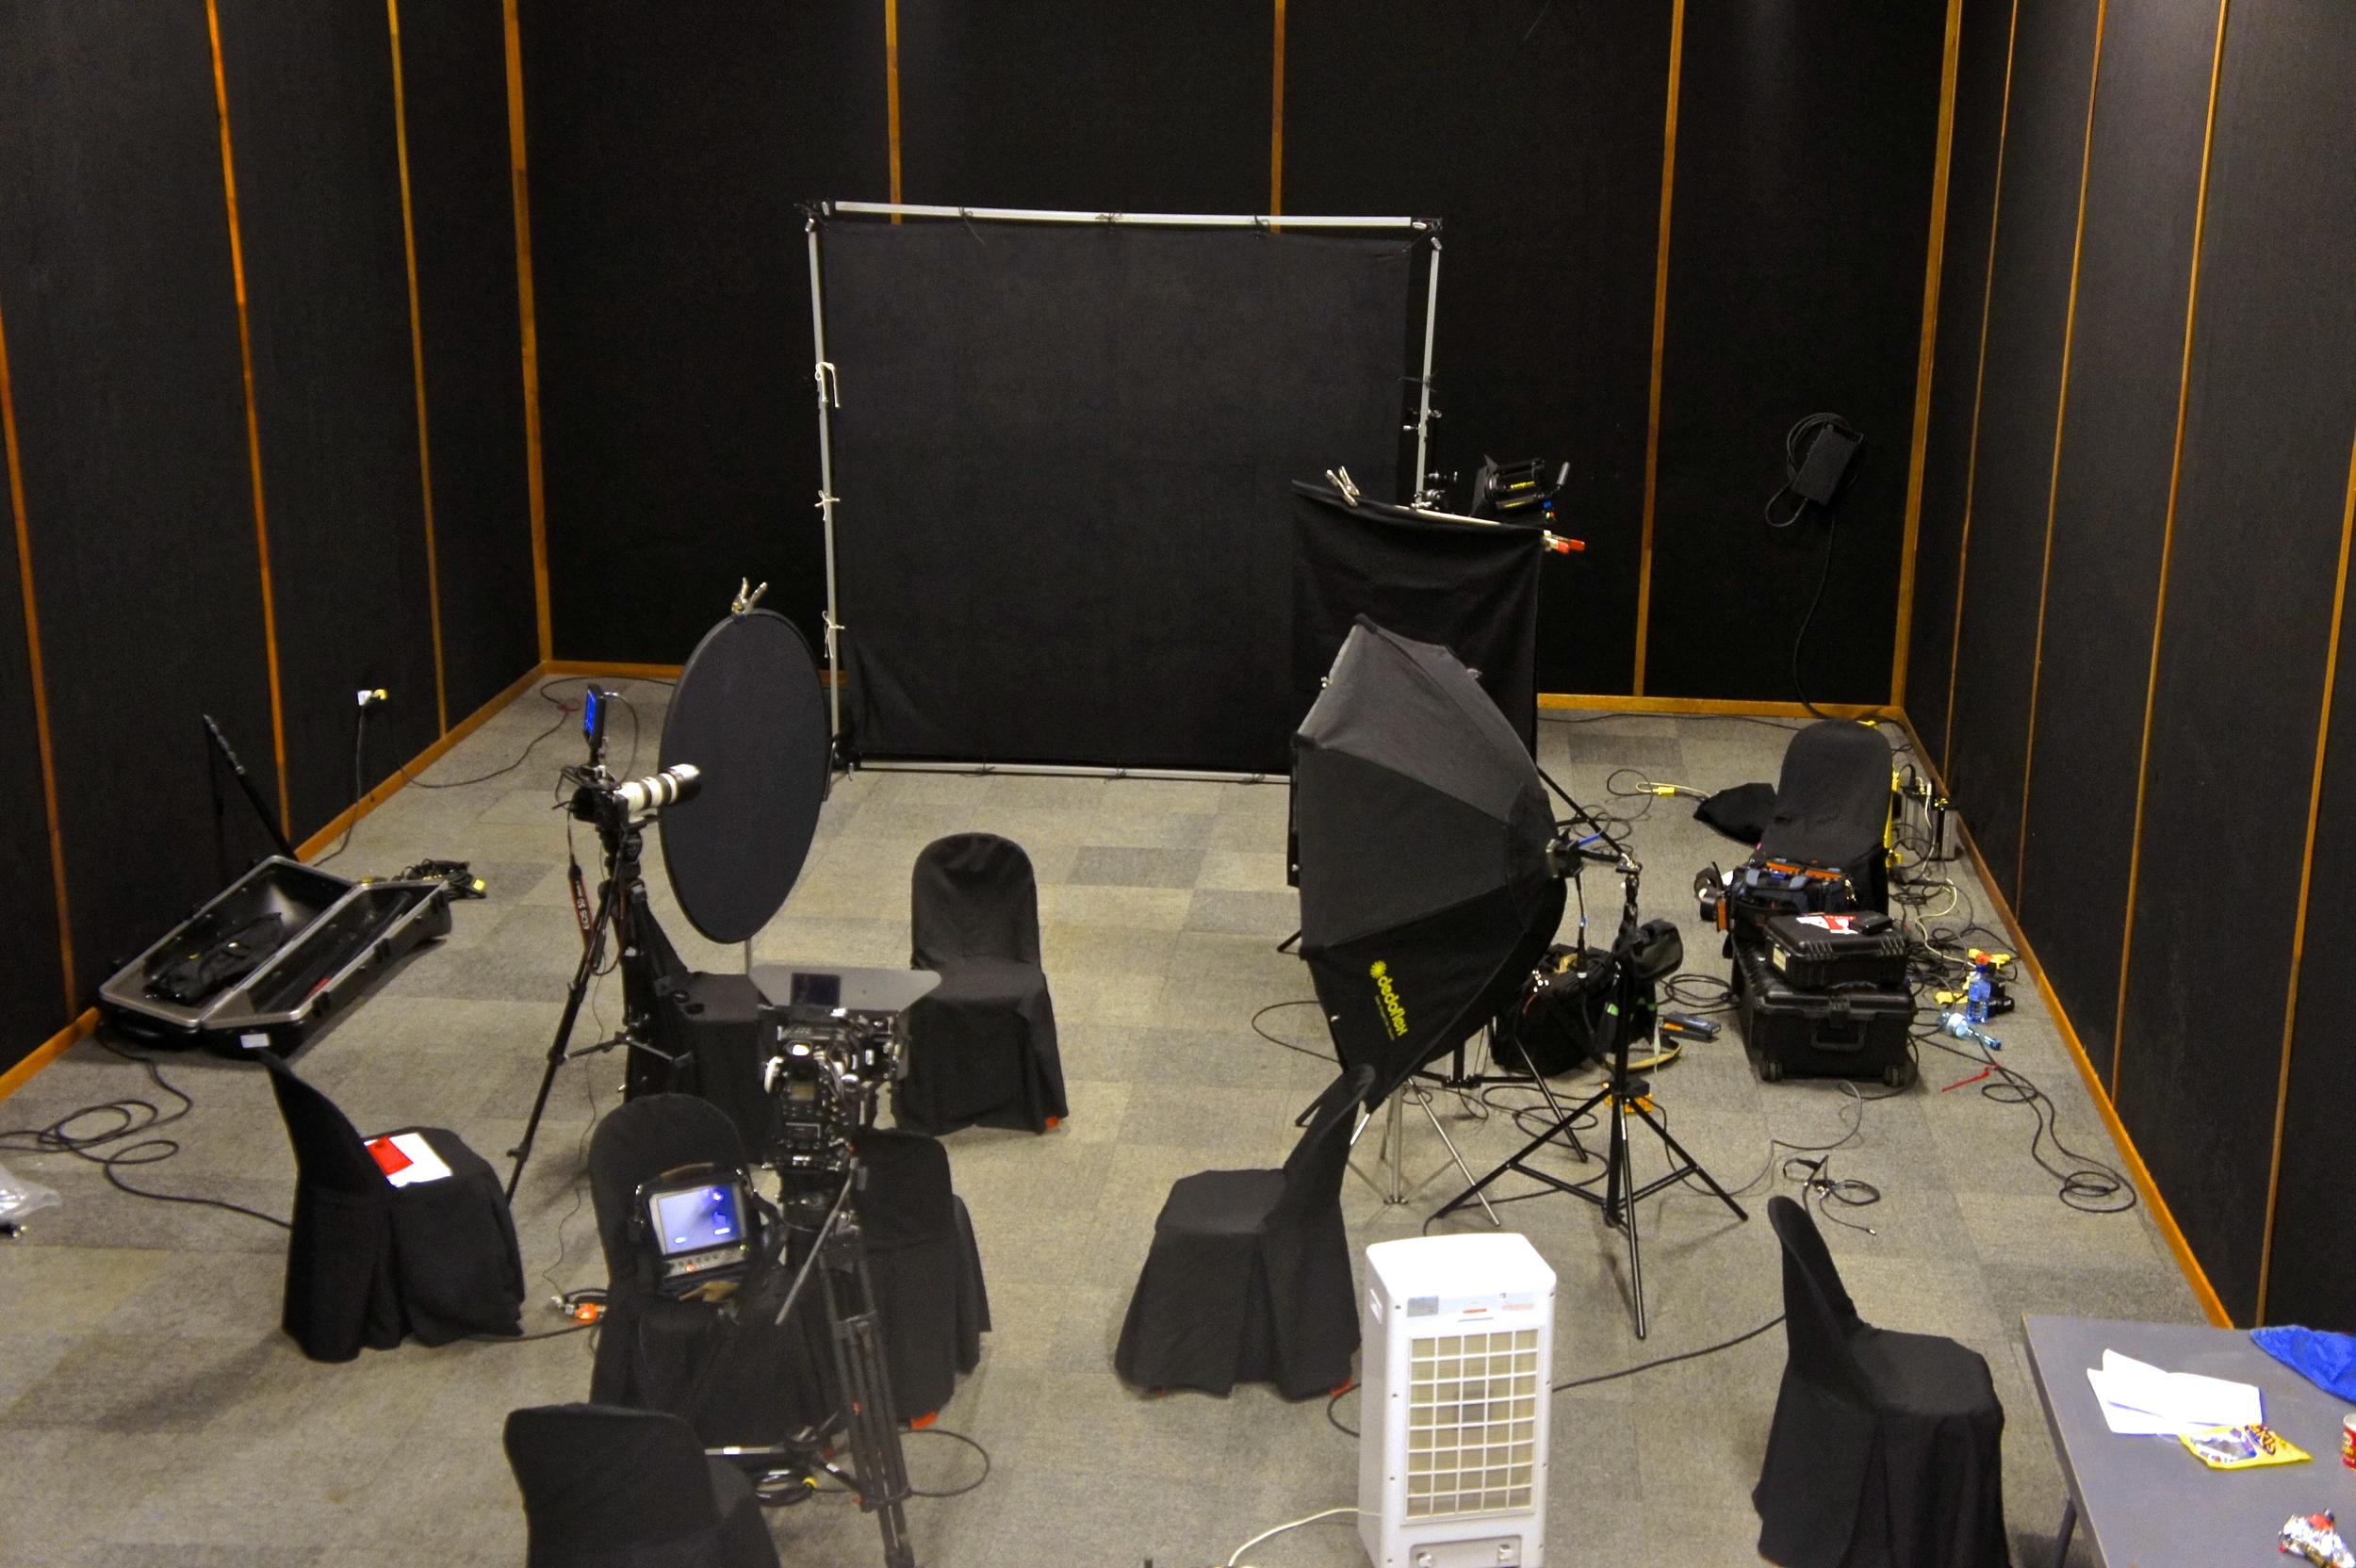 Copy of Media Room